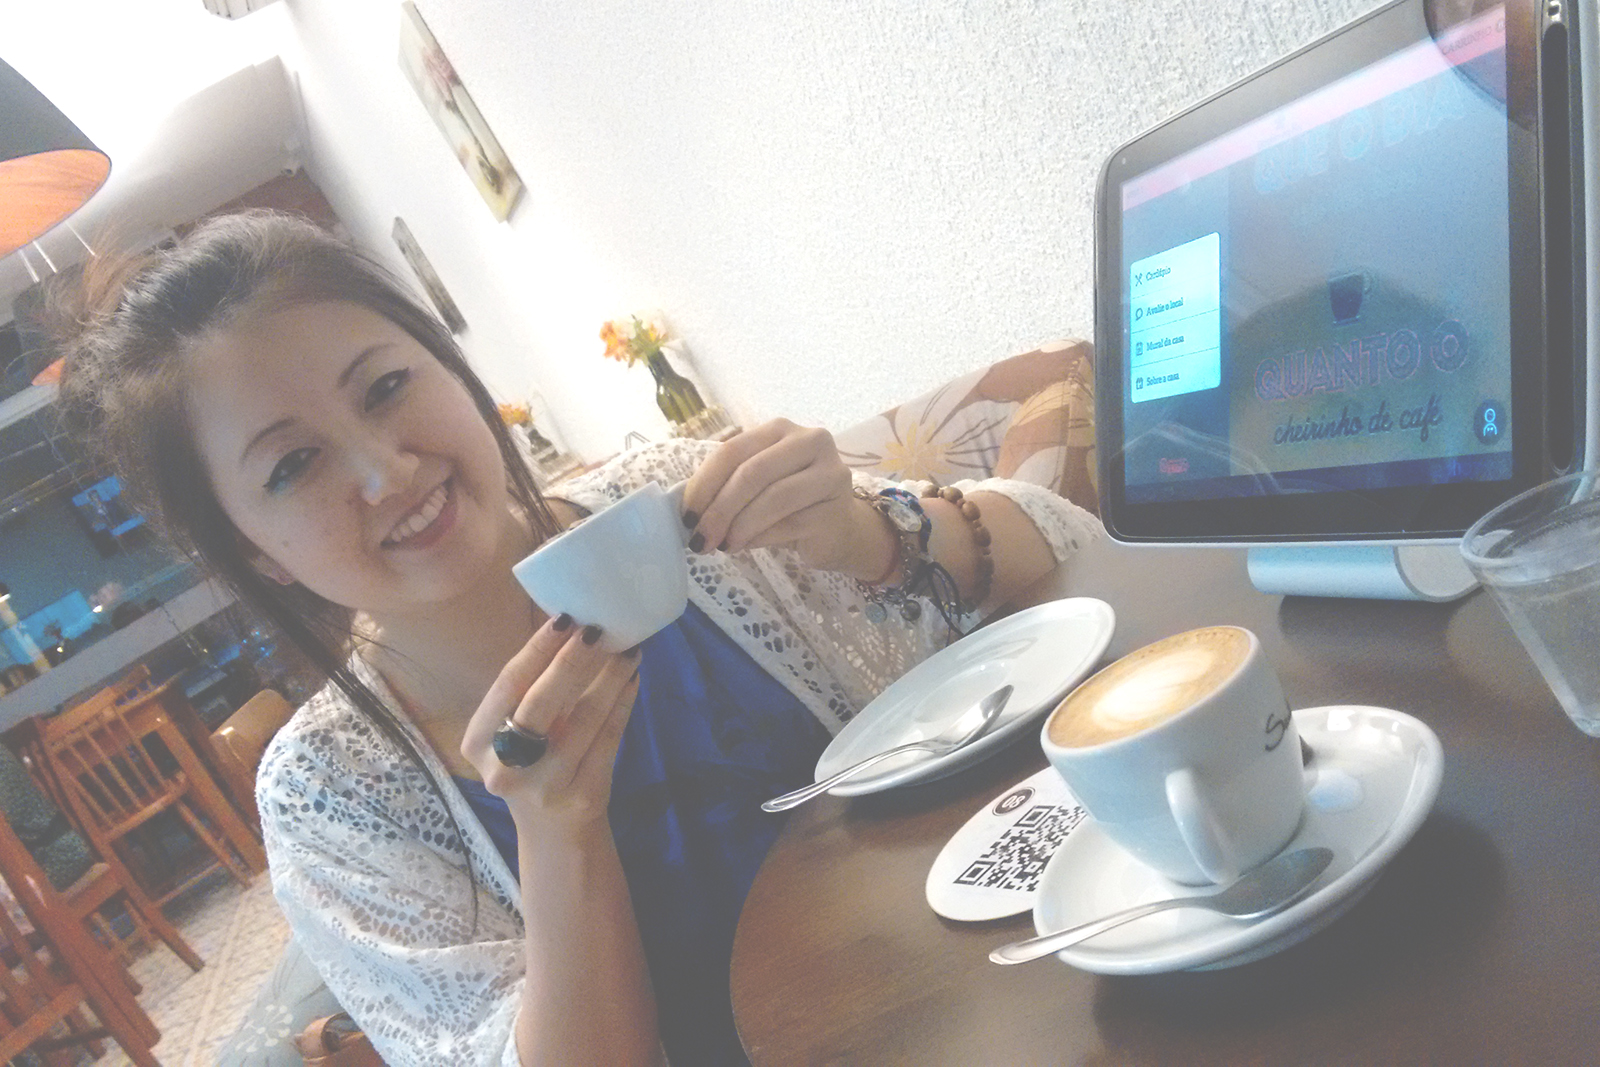 tomando café Cafeteria & Doceria Cerejeira em Flor campinas